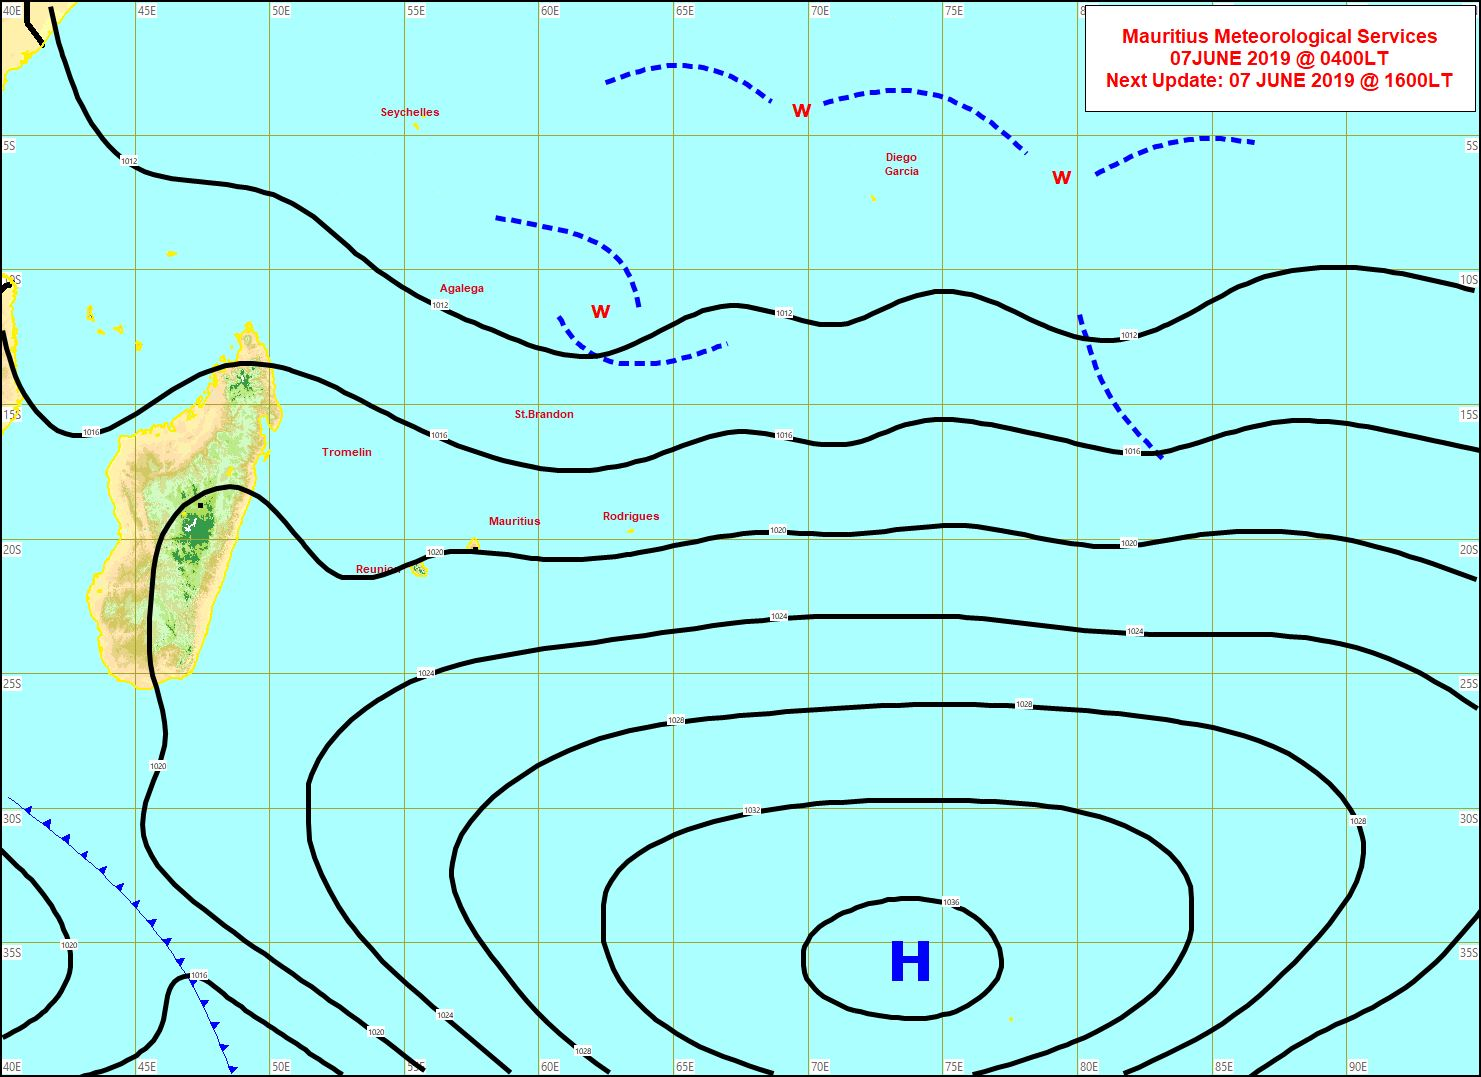 Analyse de la situation de surface ce matin. L'anticylone(H) ne s'éloigne que lentement de notre région. Au nord près de l'équateur l'activité convective reste forte pour un mois de Juin. MMS